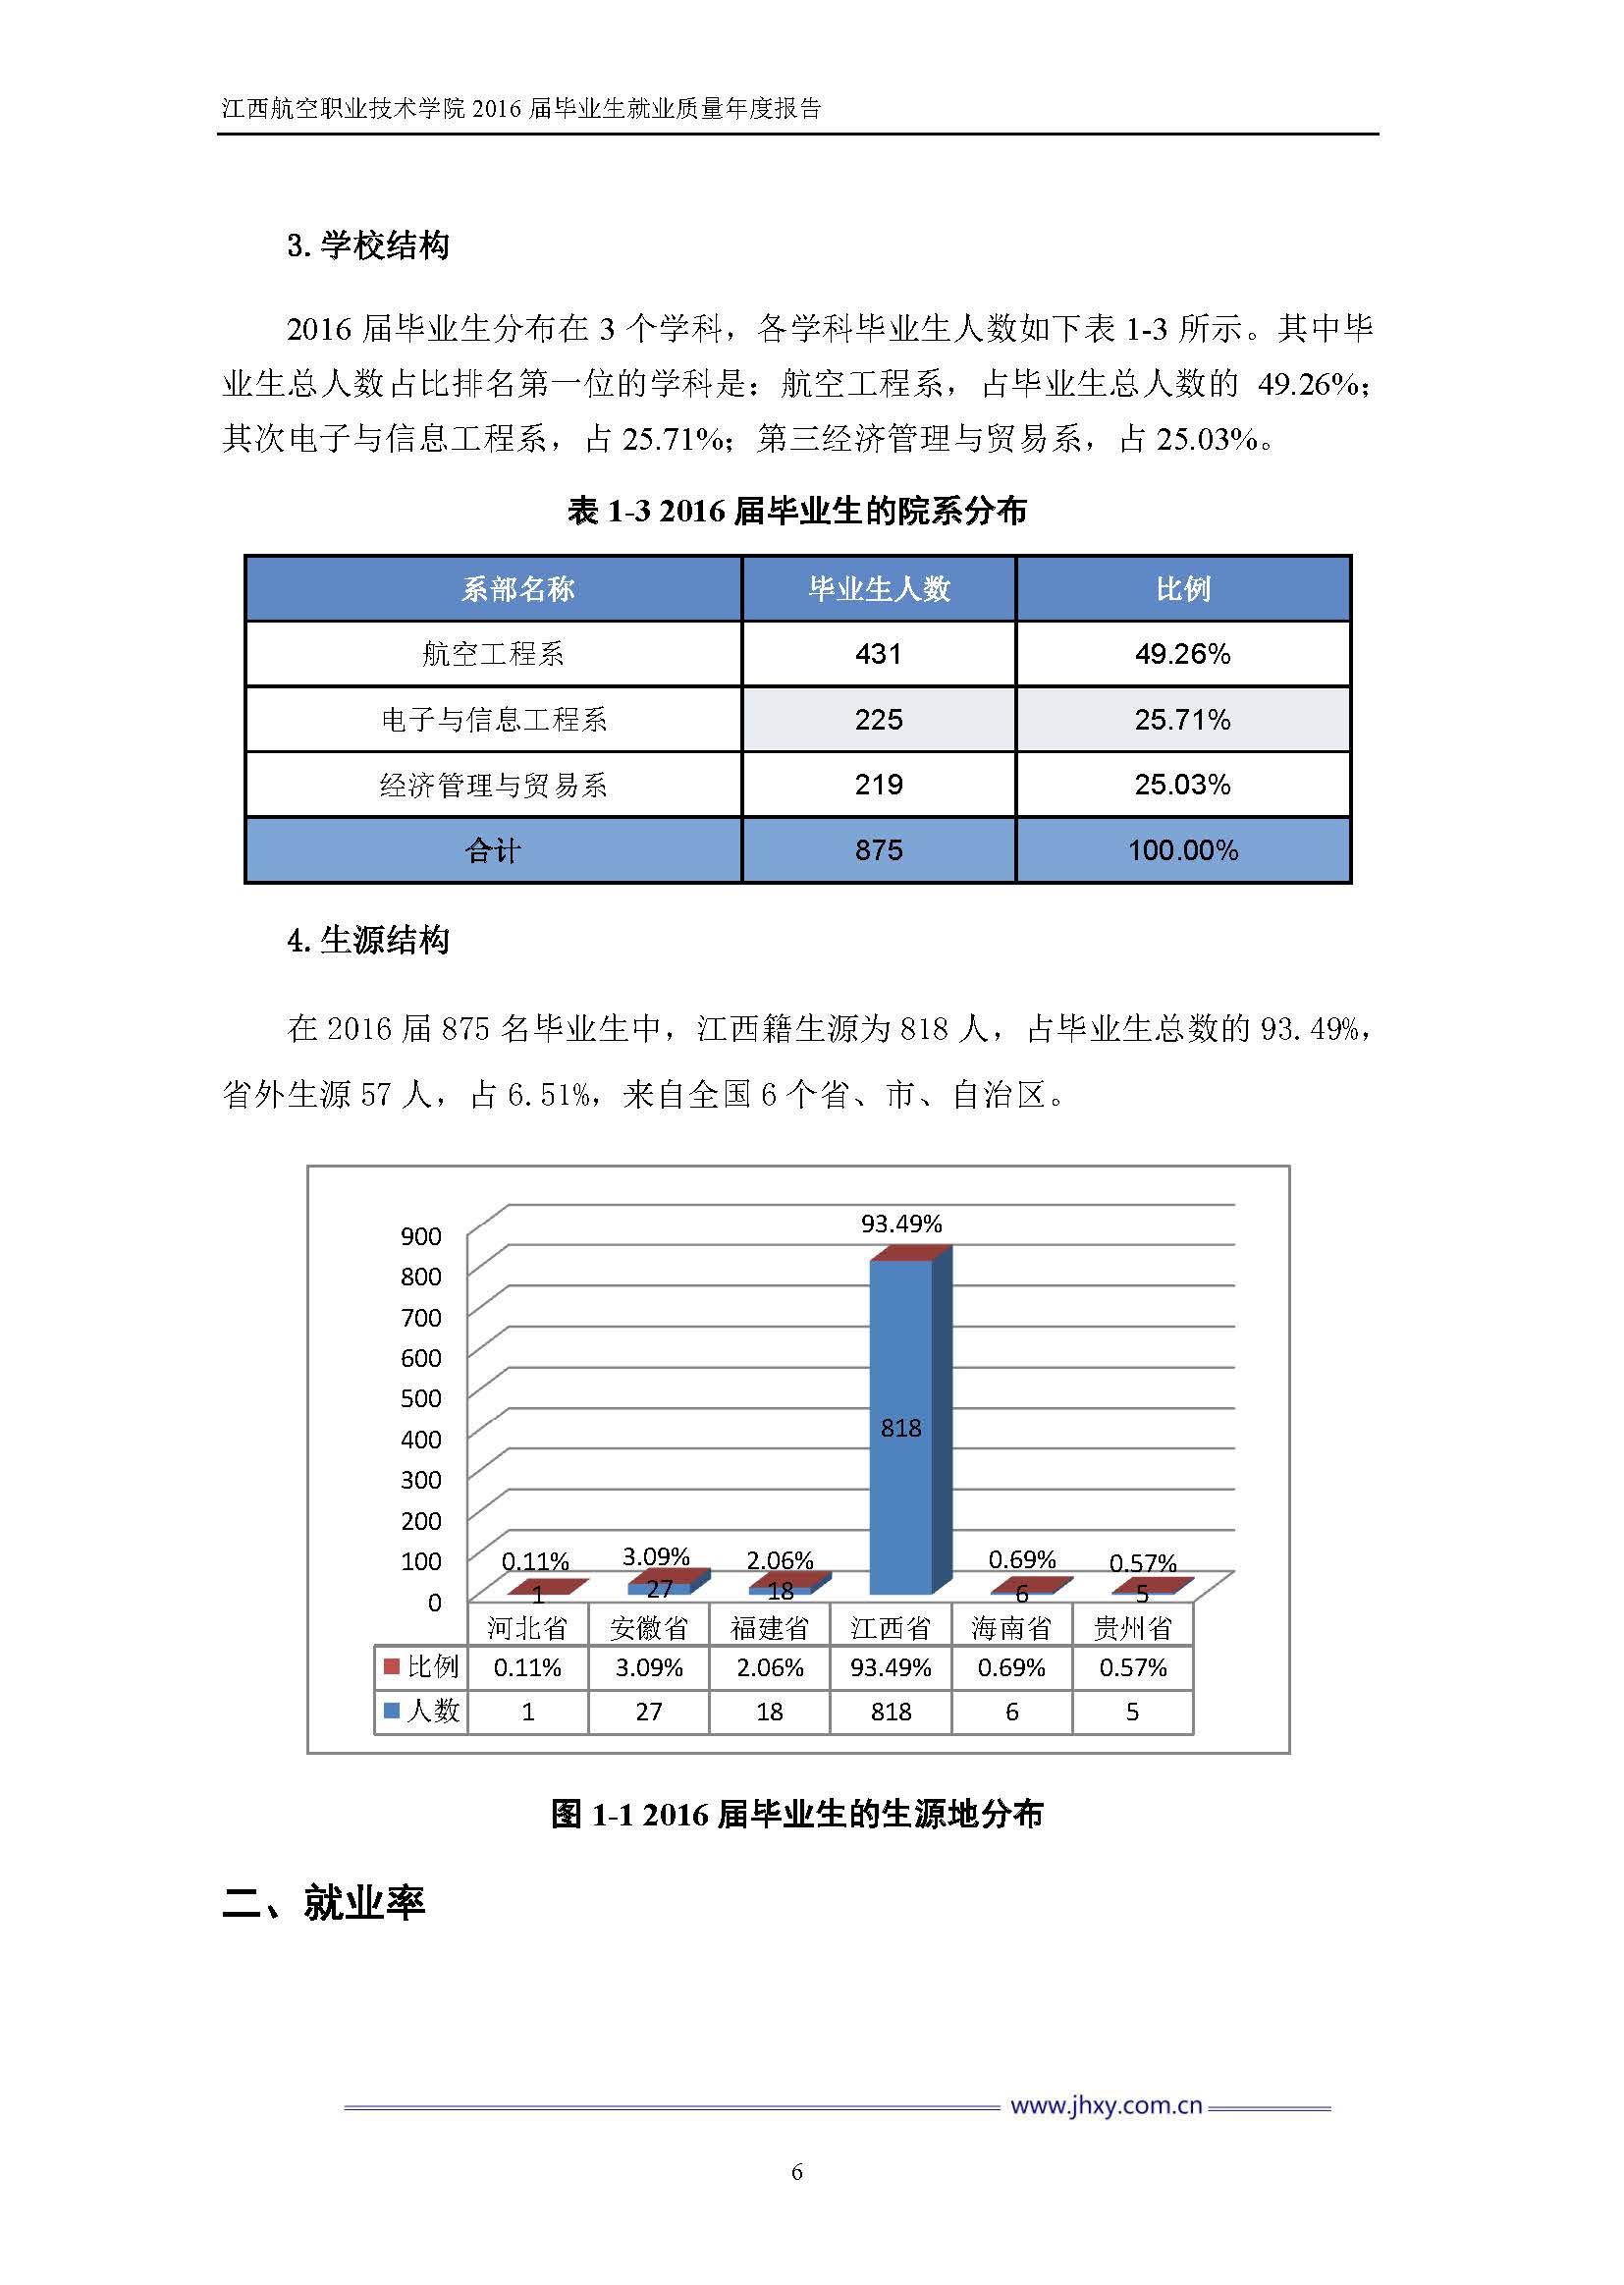 江西航空职业技术学院2016届毕业生就业质量年度报告_Page_13.jpg